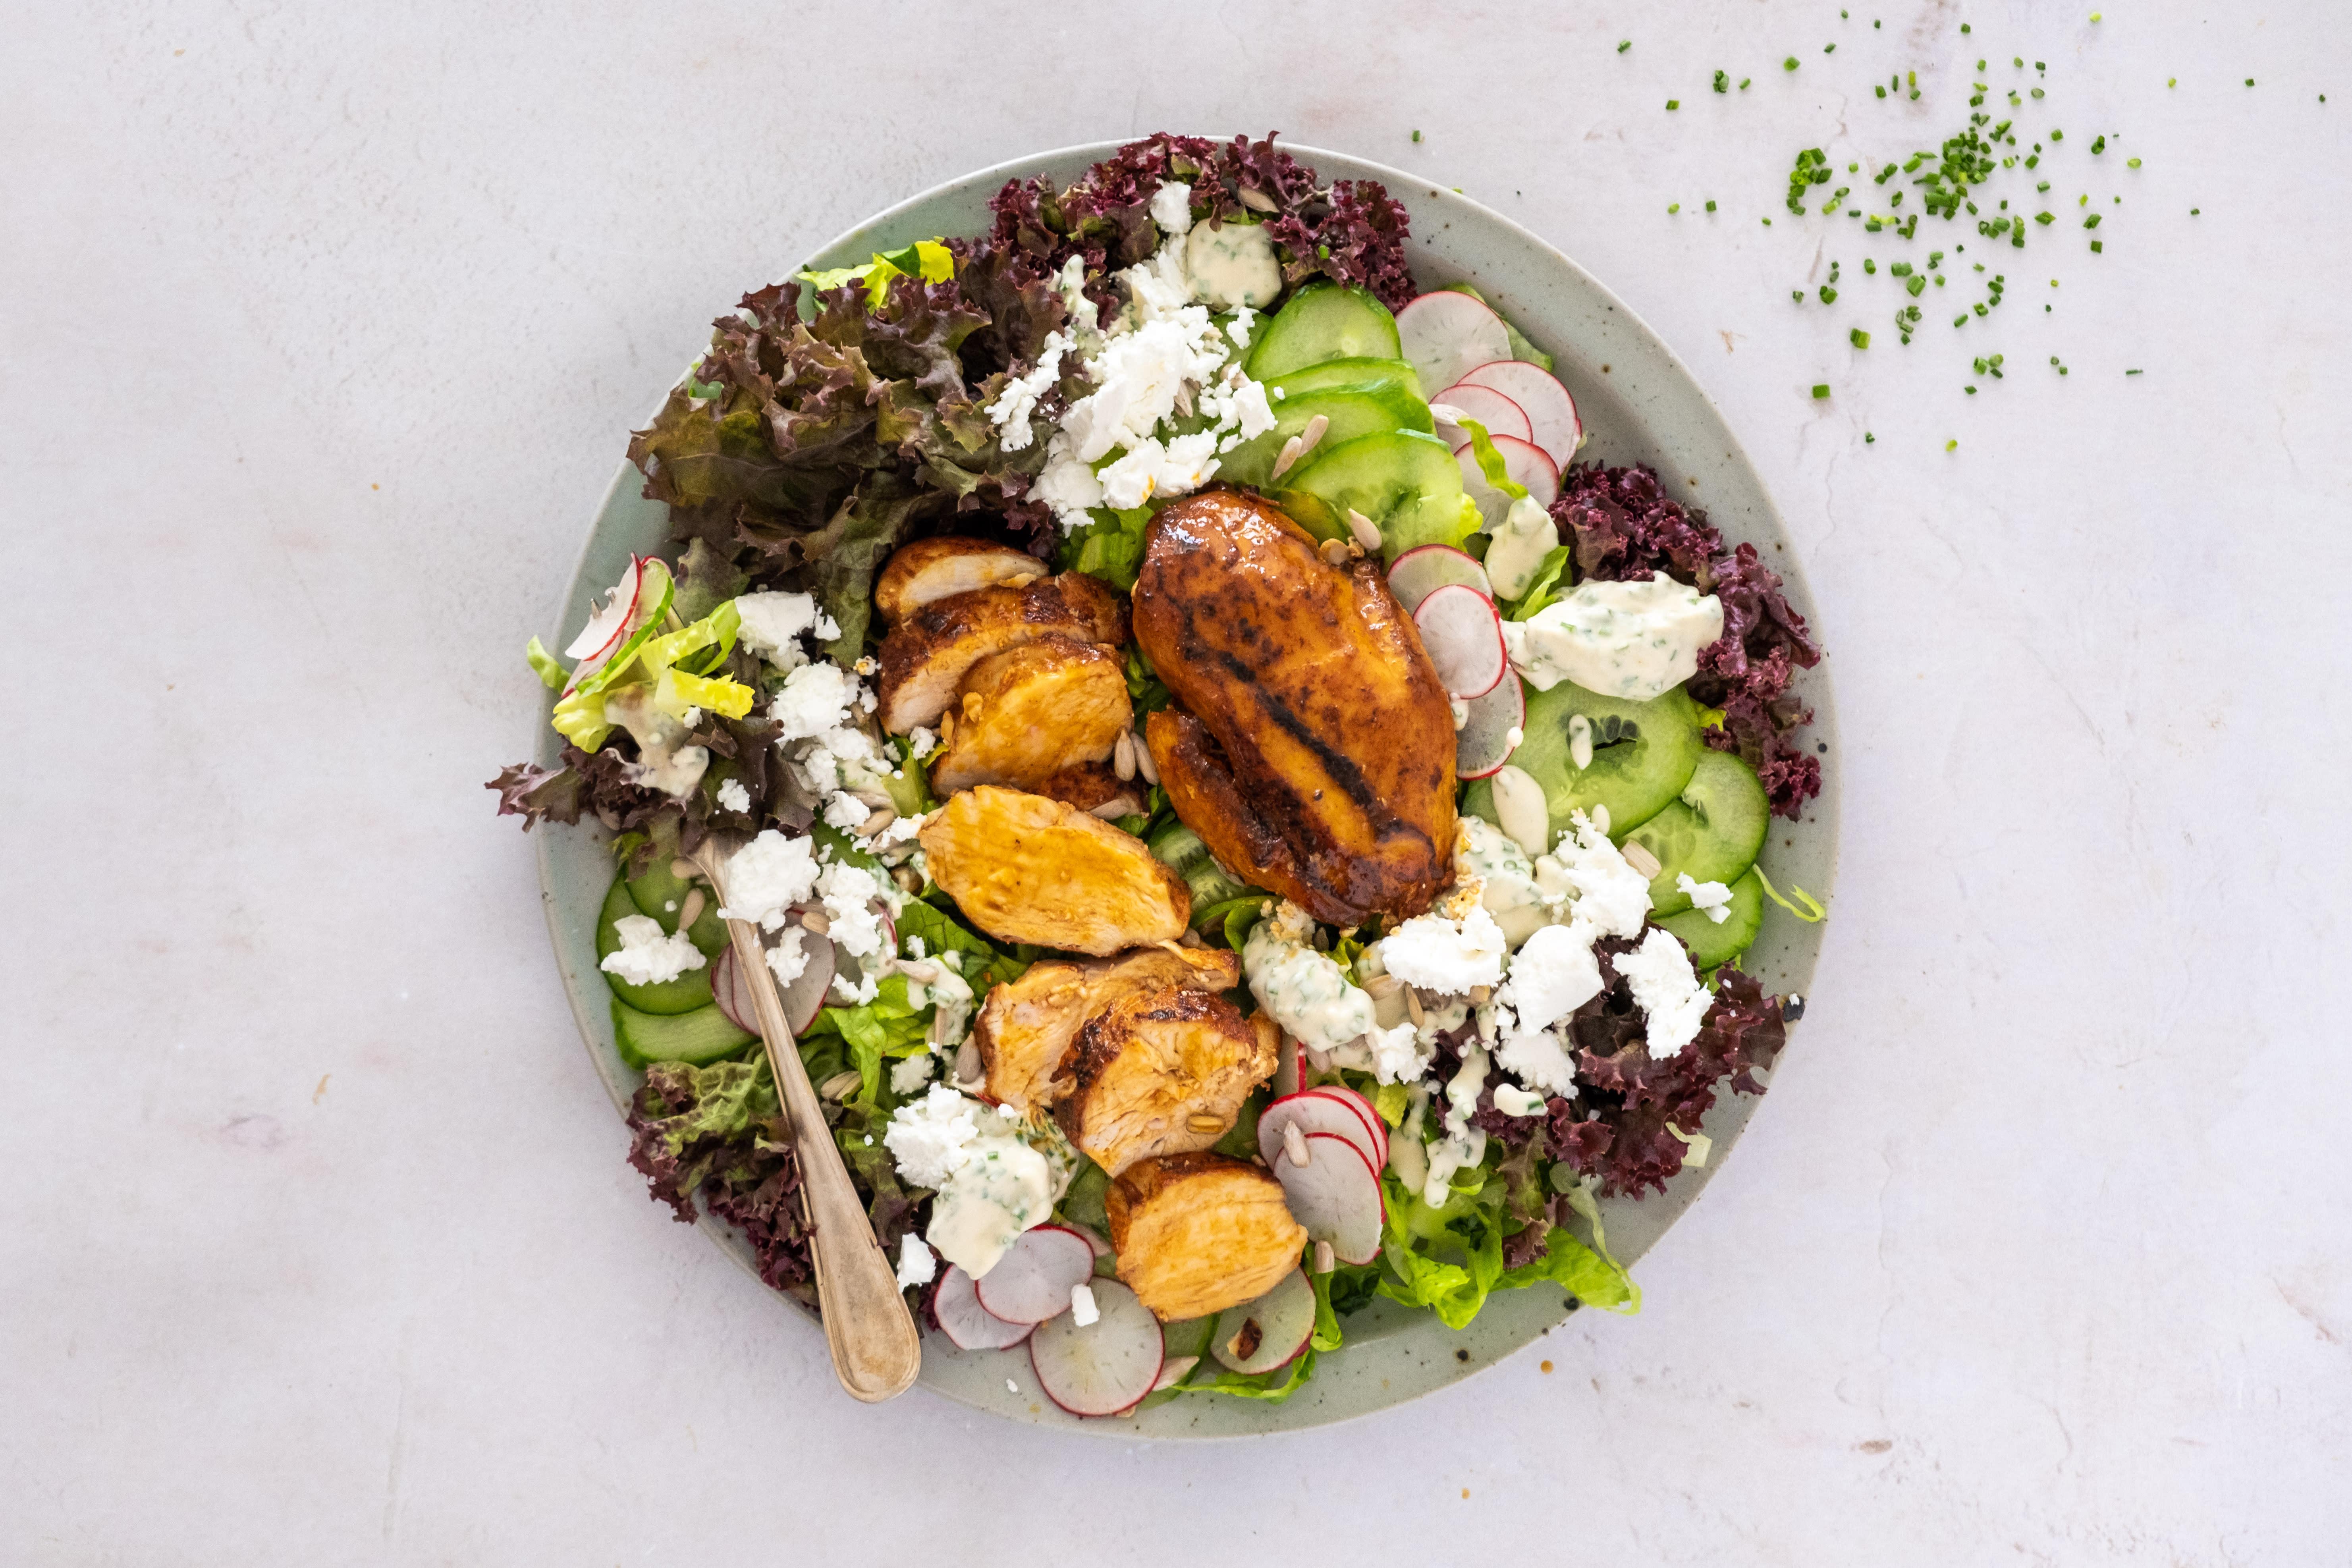 Crunchy Garden Salad with Smoky Chicken